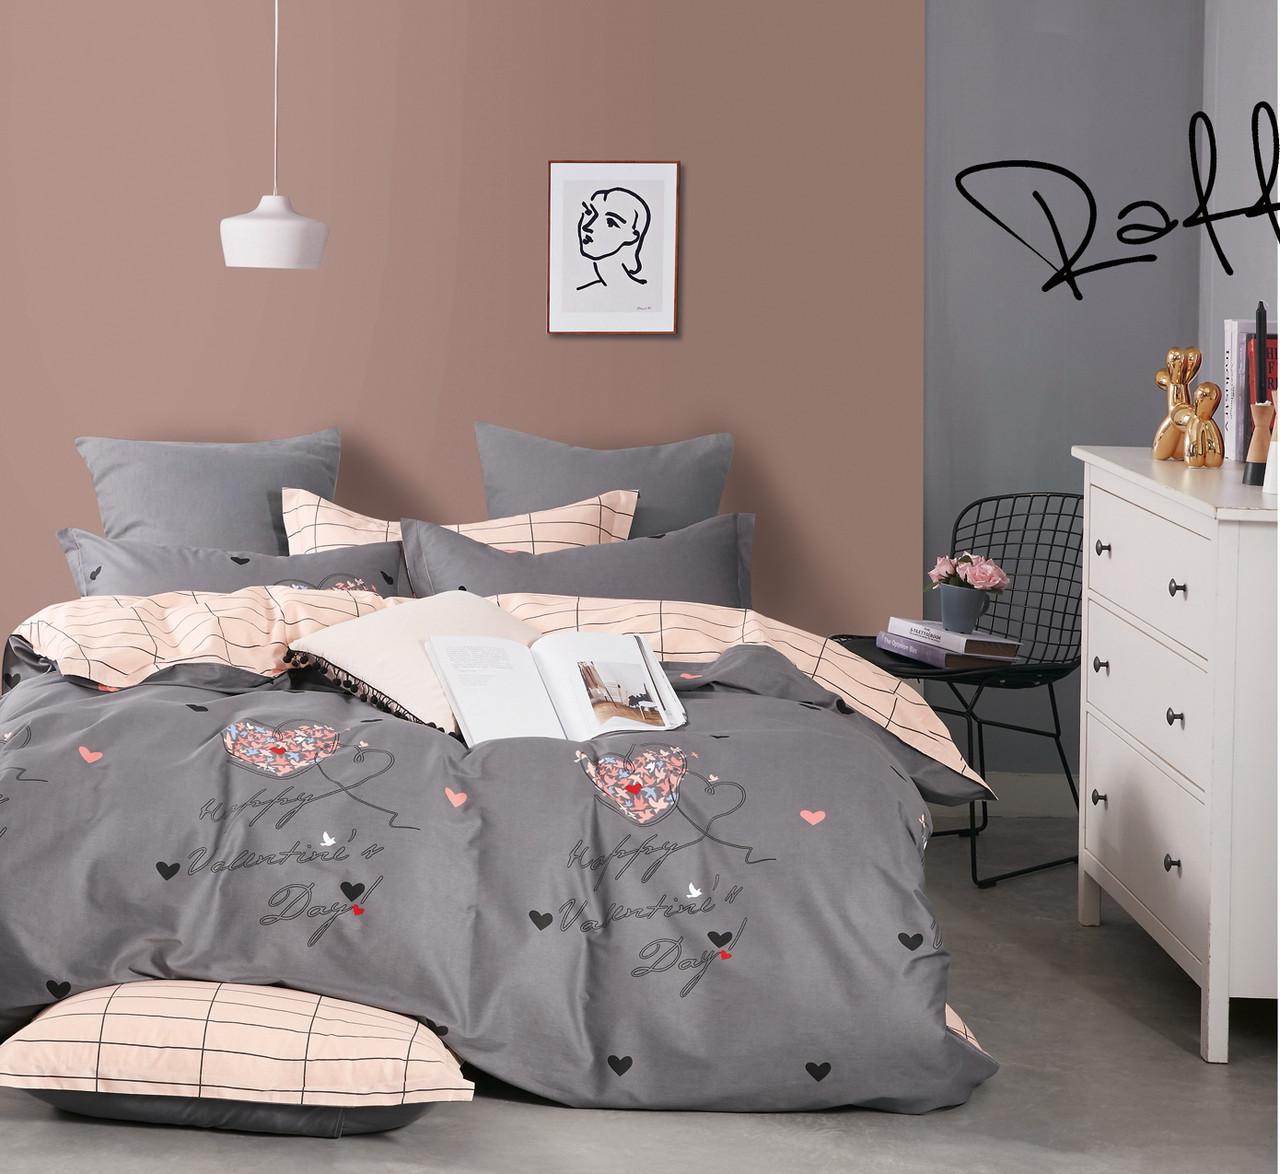 Комплект постельного белья семейный Bella Villa сатин серый с розовым